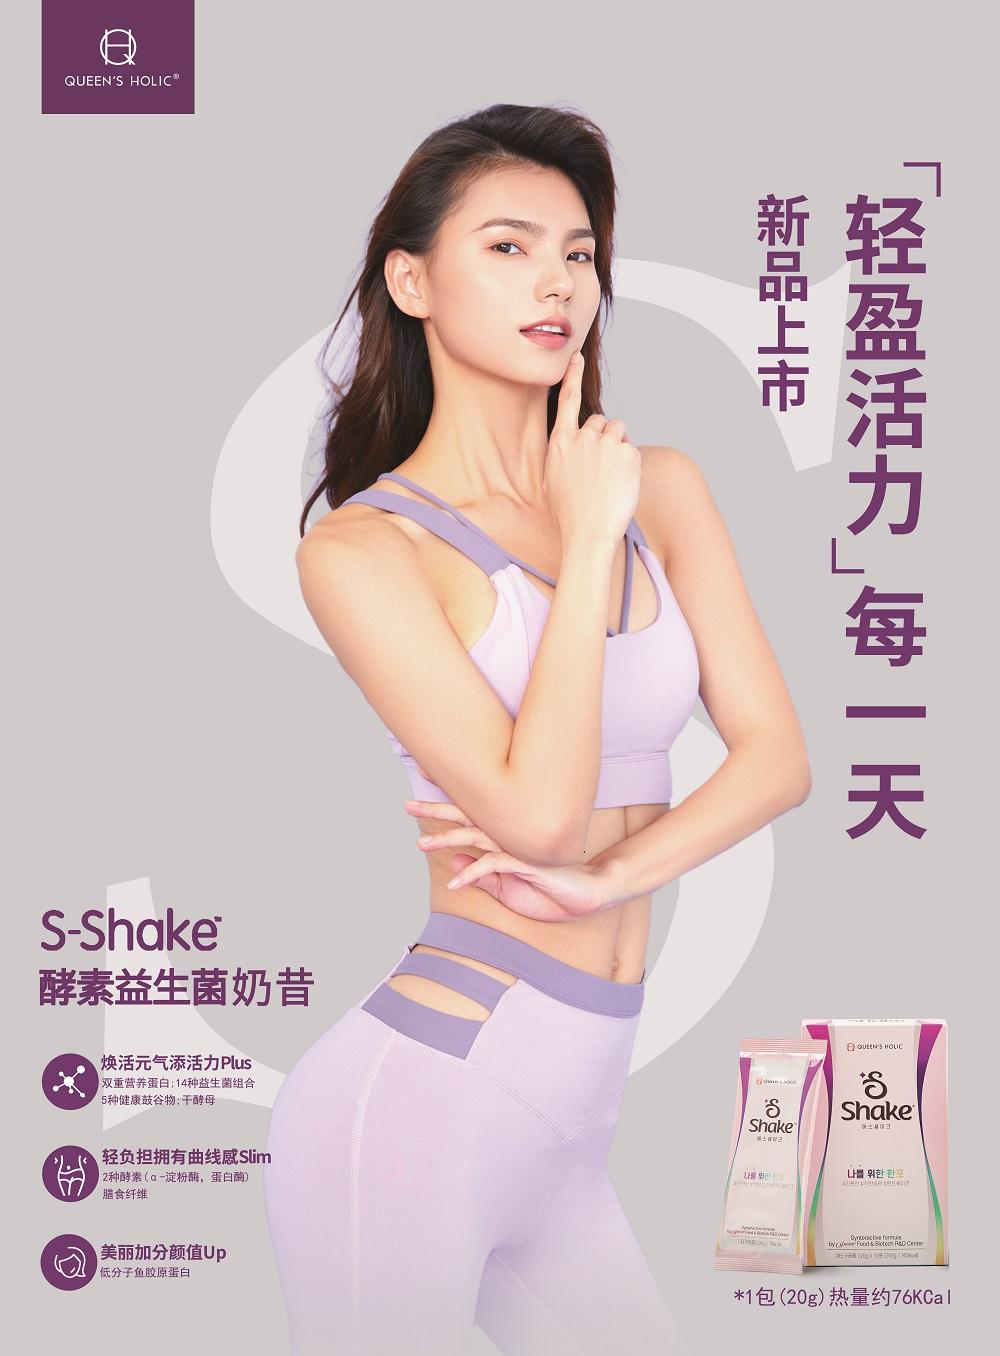 健康减脂瘦身,S-Shake酵素益生菌奶昔为轻体态管理有效助力